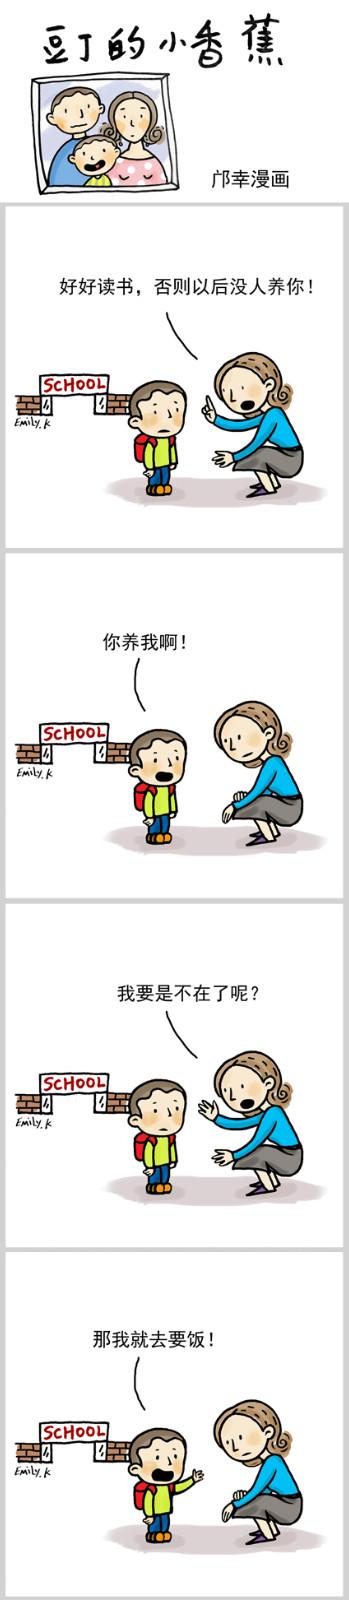 【邝幸漫畫】《小香蕉》出息了_图1-1